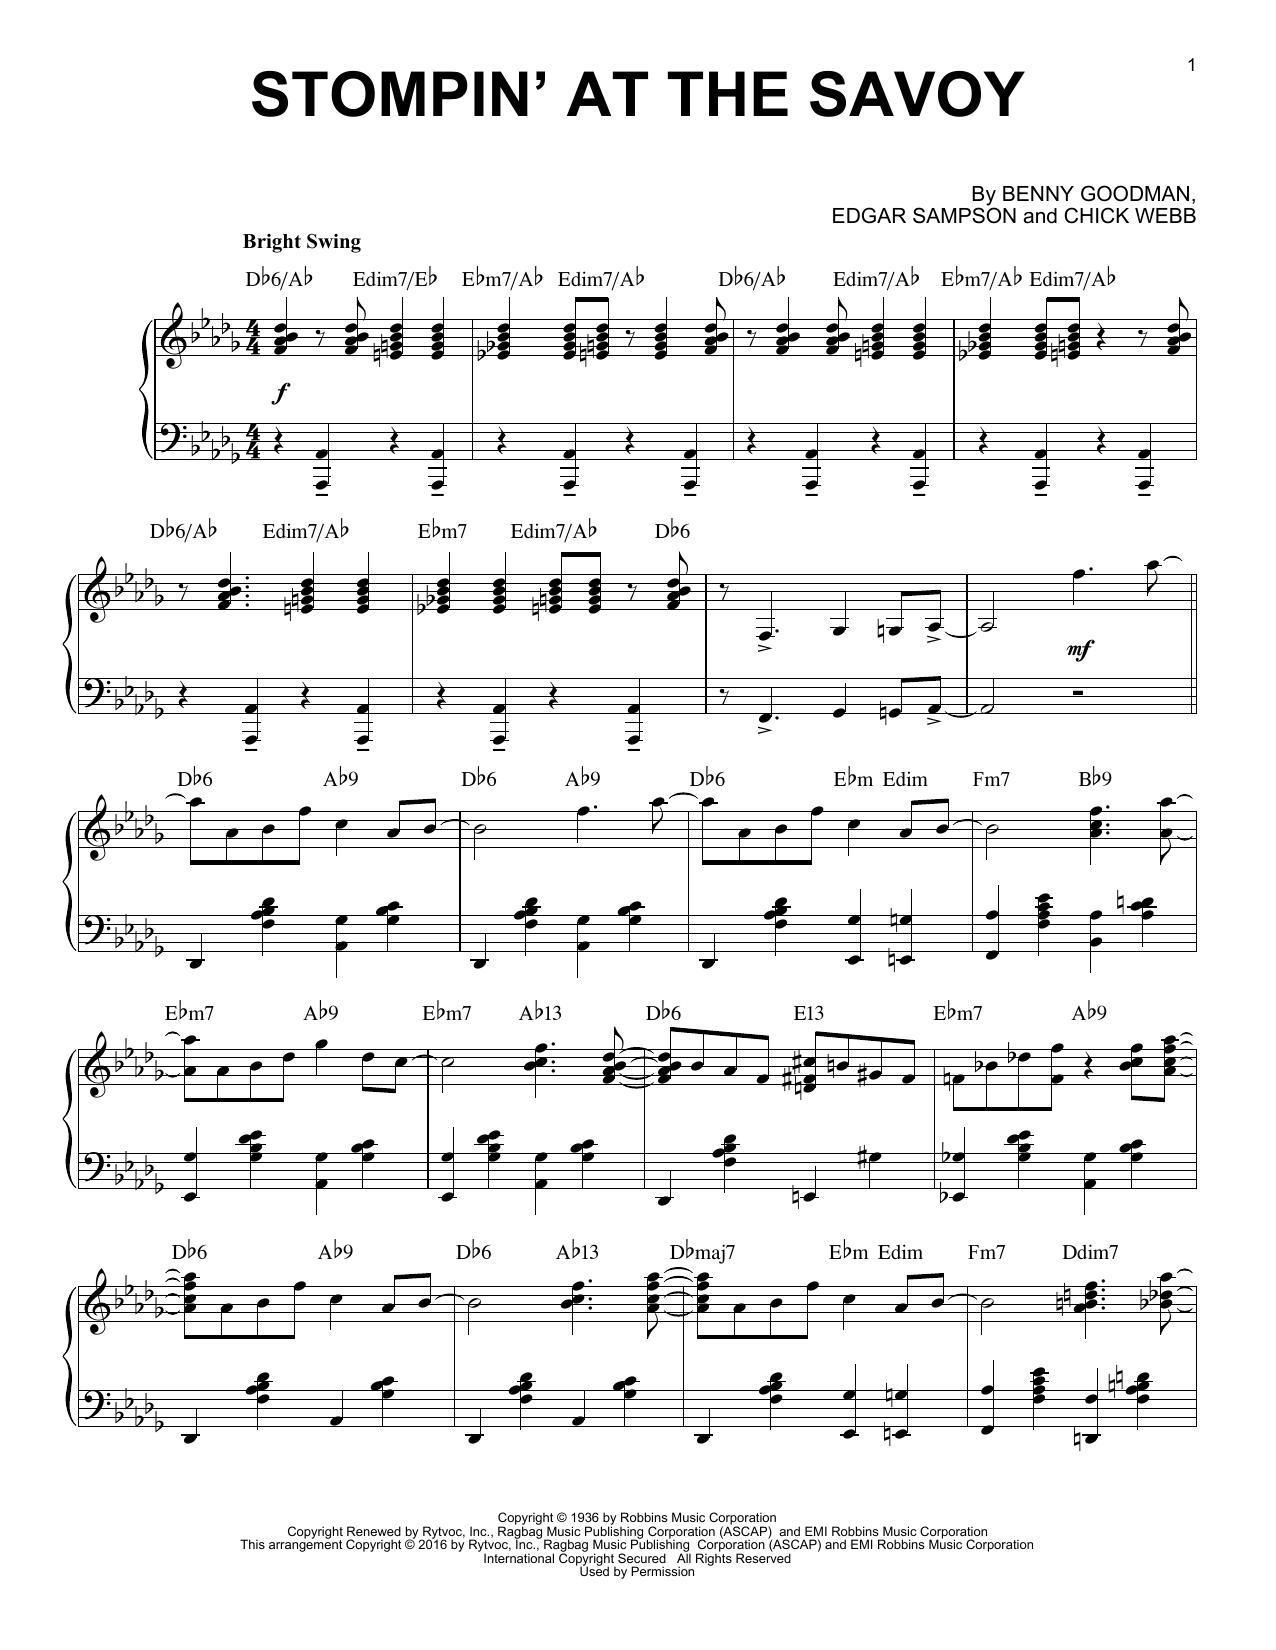 Benny Goodman - Stompin' At The Savoy